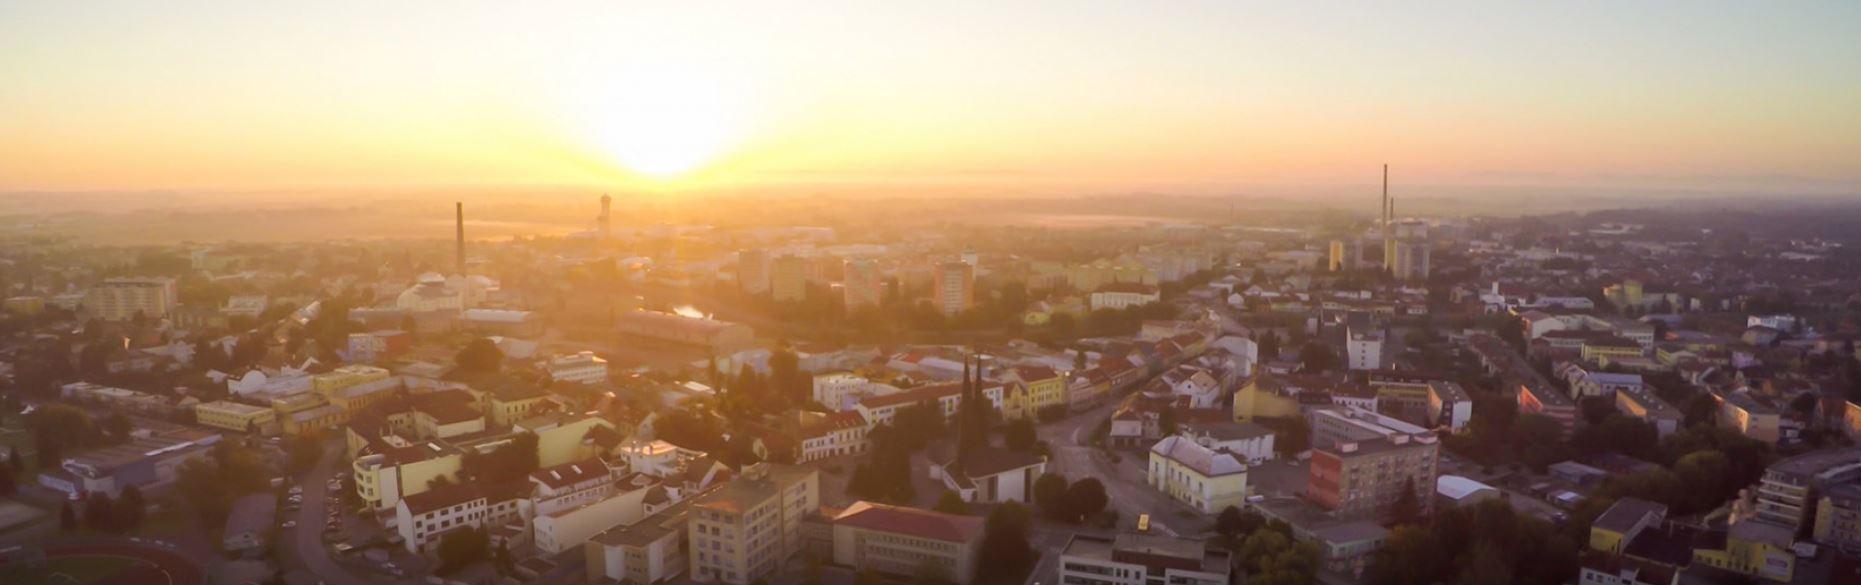 Navštivte Břeclav, město s mnoha pamětihodnostmi, zámkem s vyhlídkovou věží, synagogou, muzeem